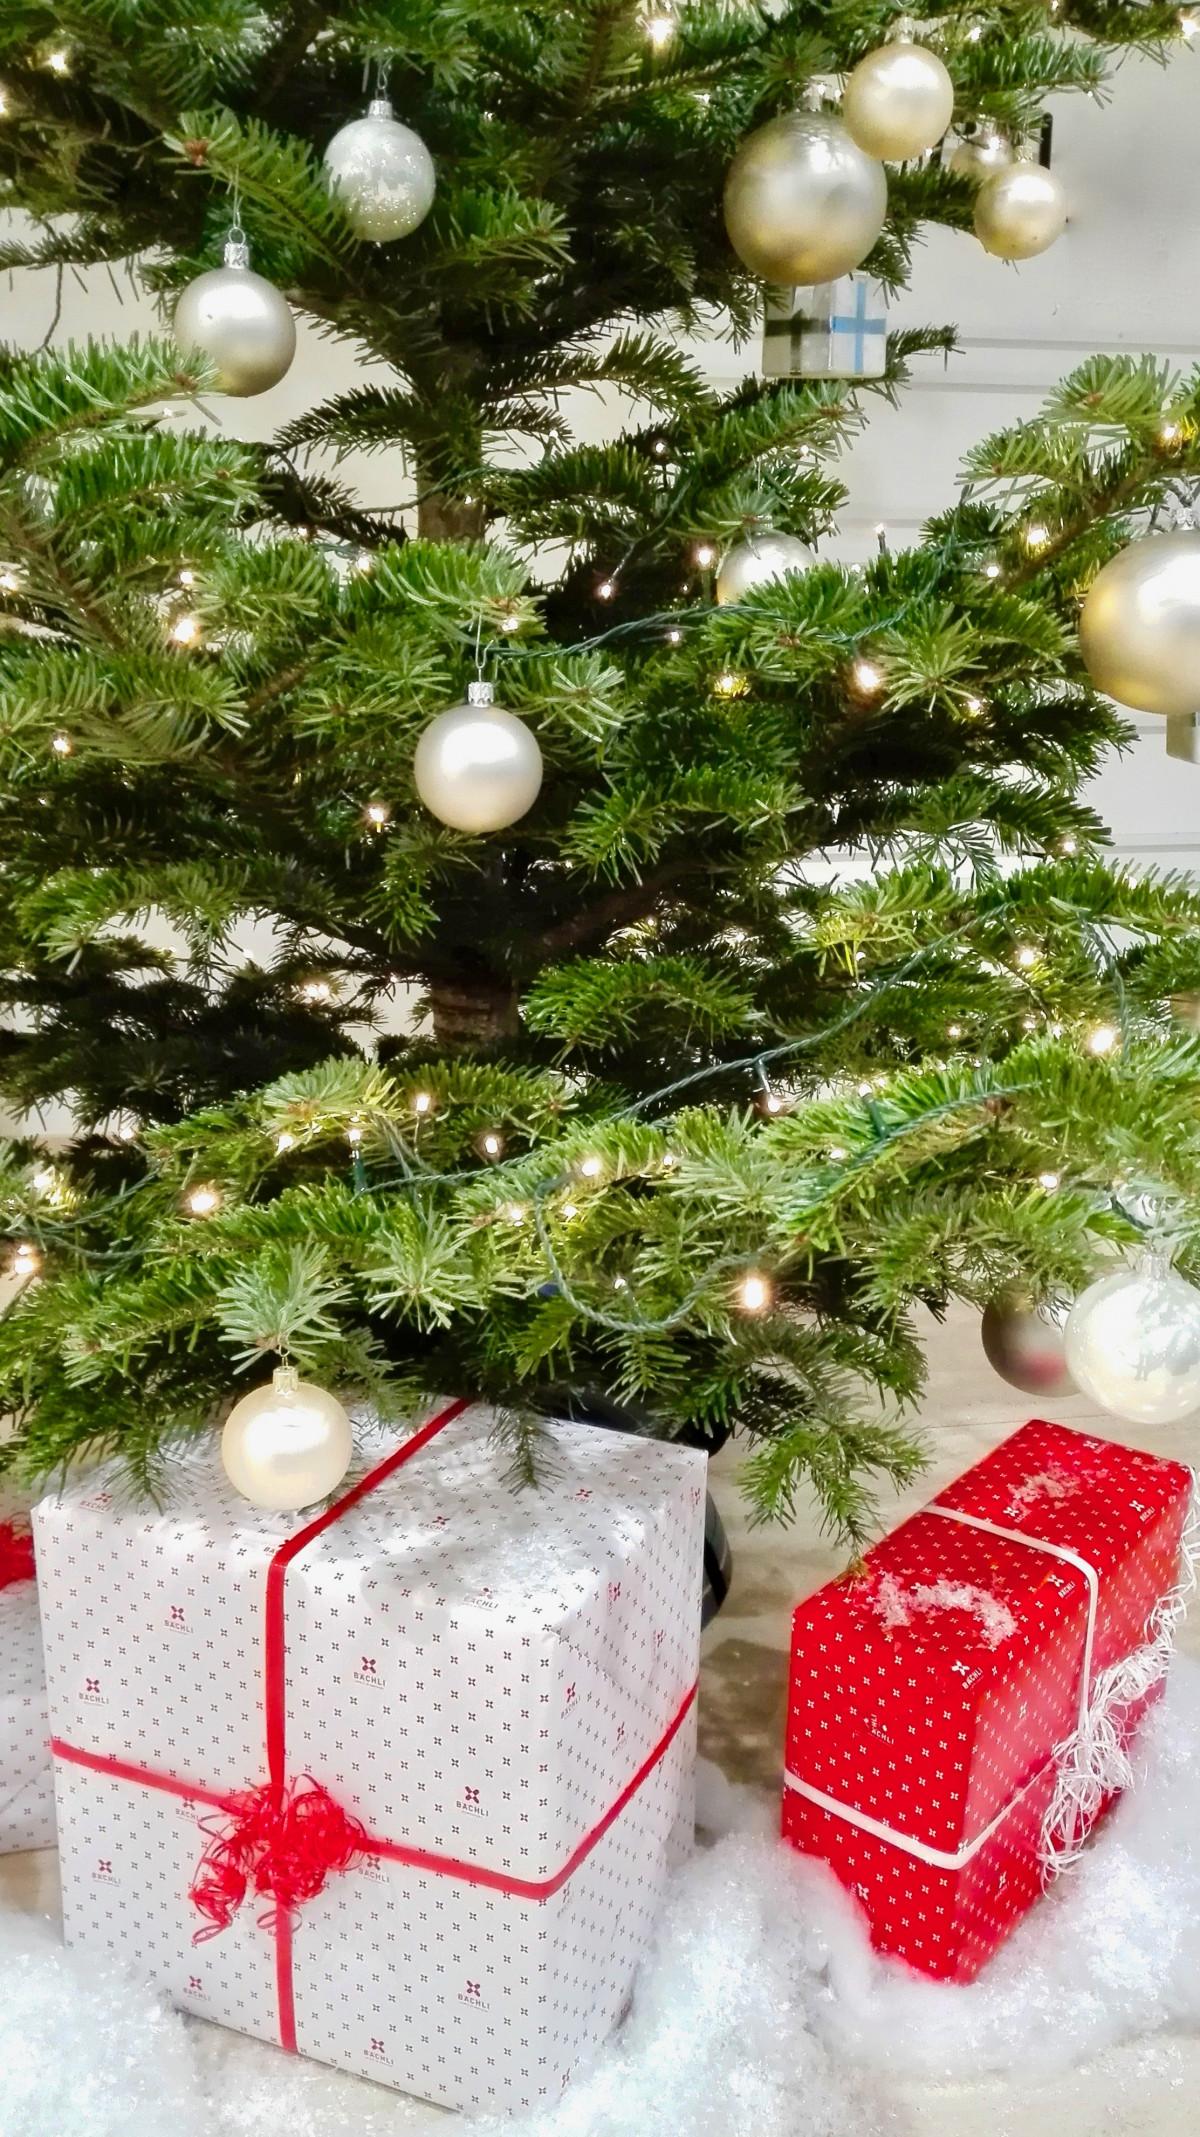 images gratuites branche fleur sapin arbre de no l av nement d coration de no l cadeaux. Black Bedroom Furniture Sets. Home Design Ideas